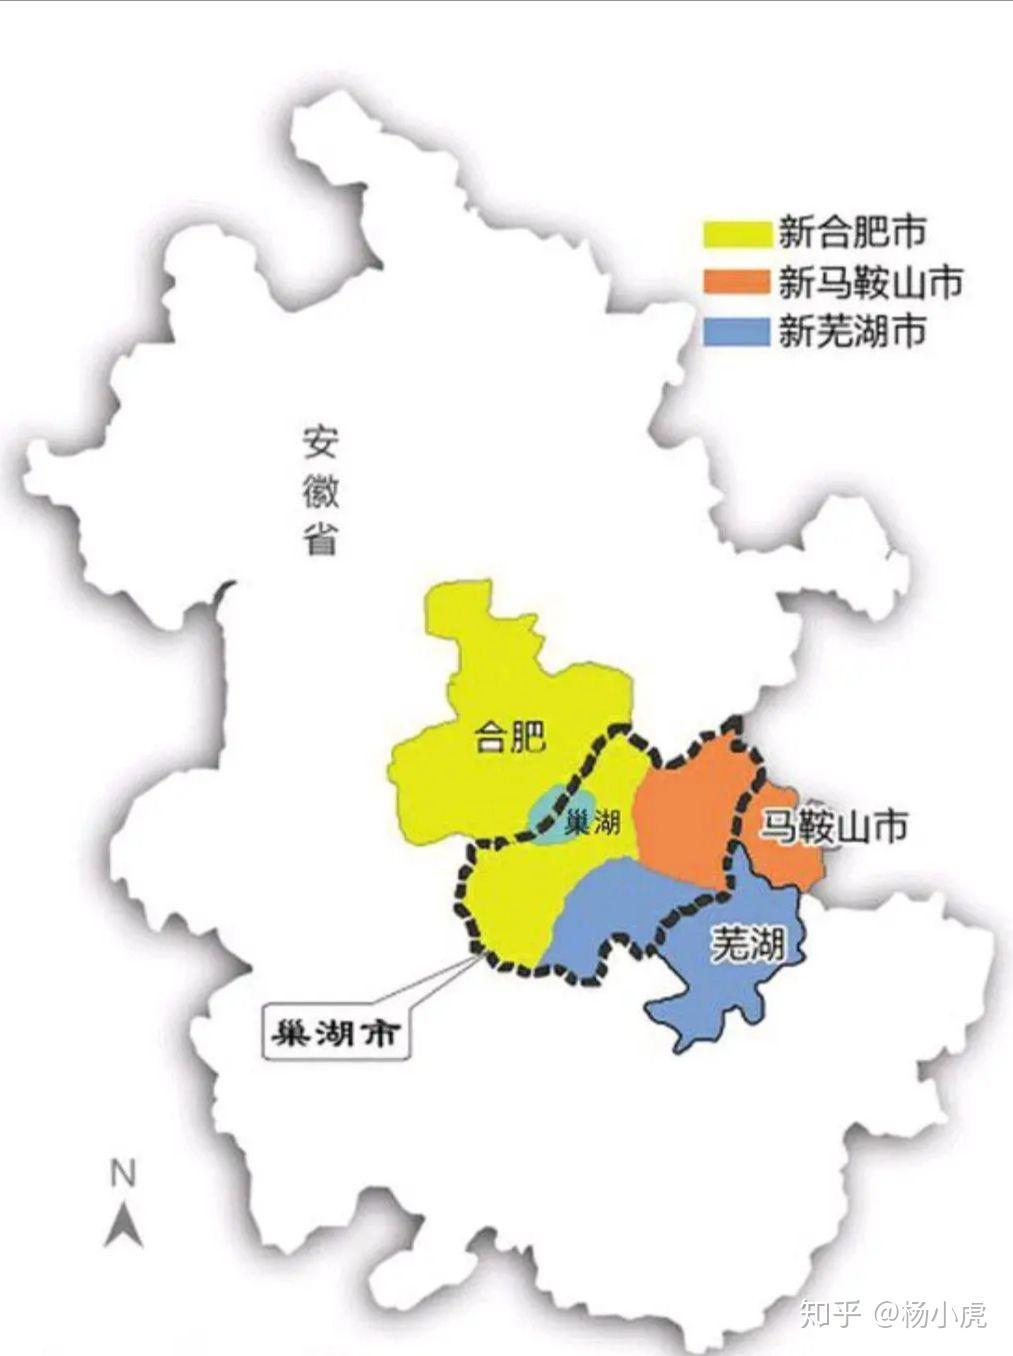 合肥2017gdp_合肥八中2017光荣榜